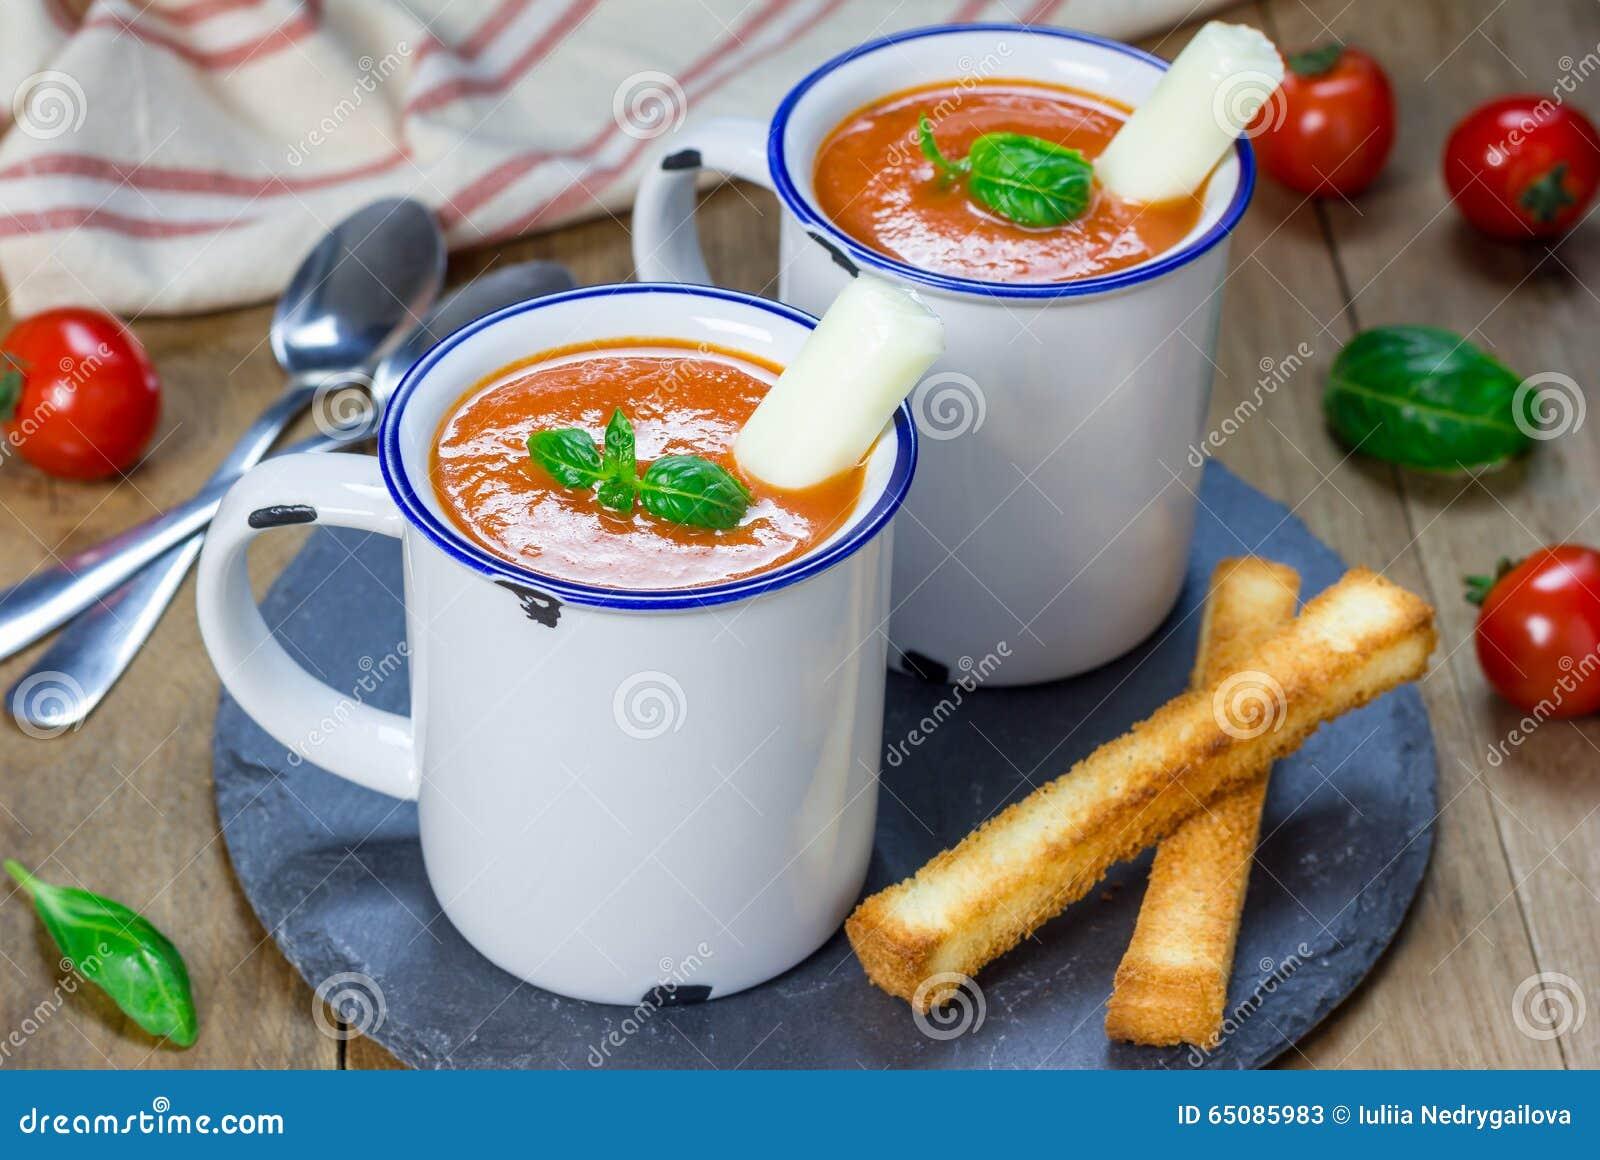 Minestra casalinga del basilico del pomodoro nella tazza, servita con il bastone del formaggio della mozzarella